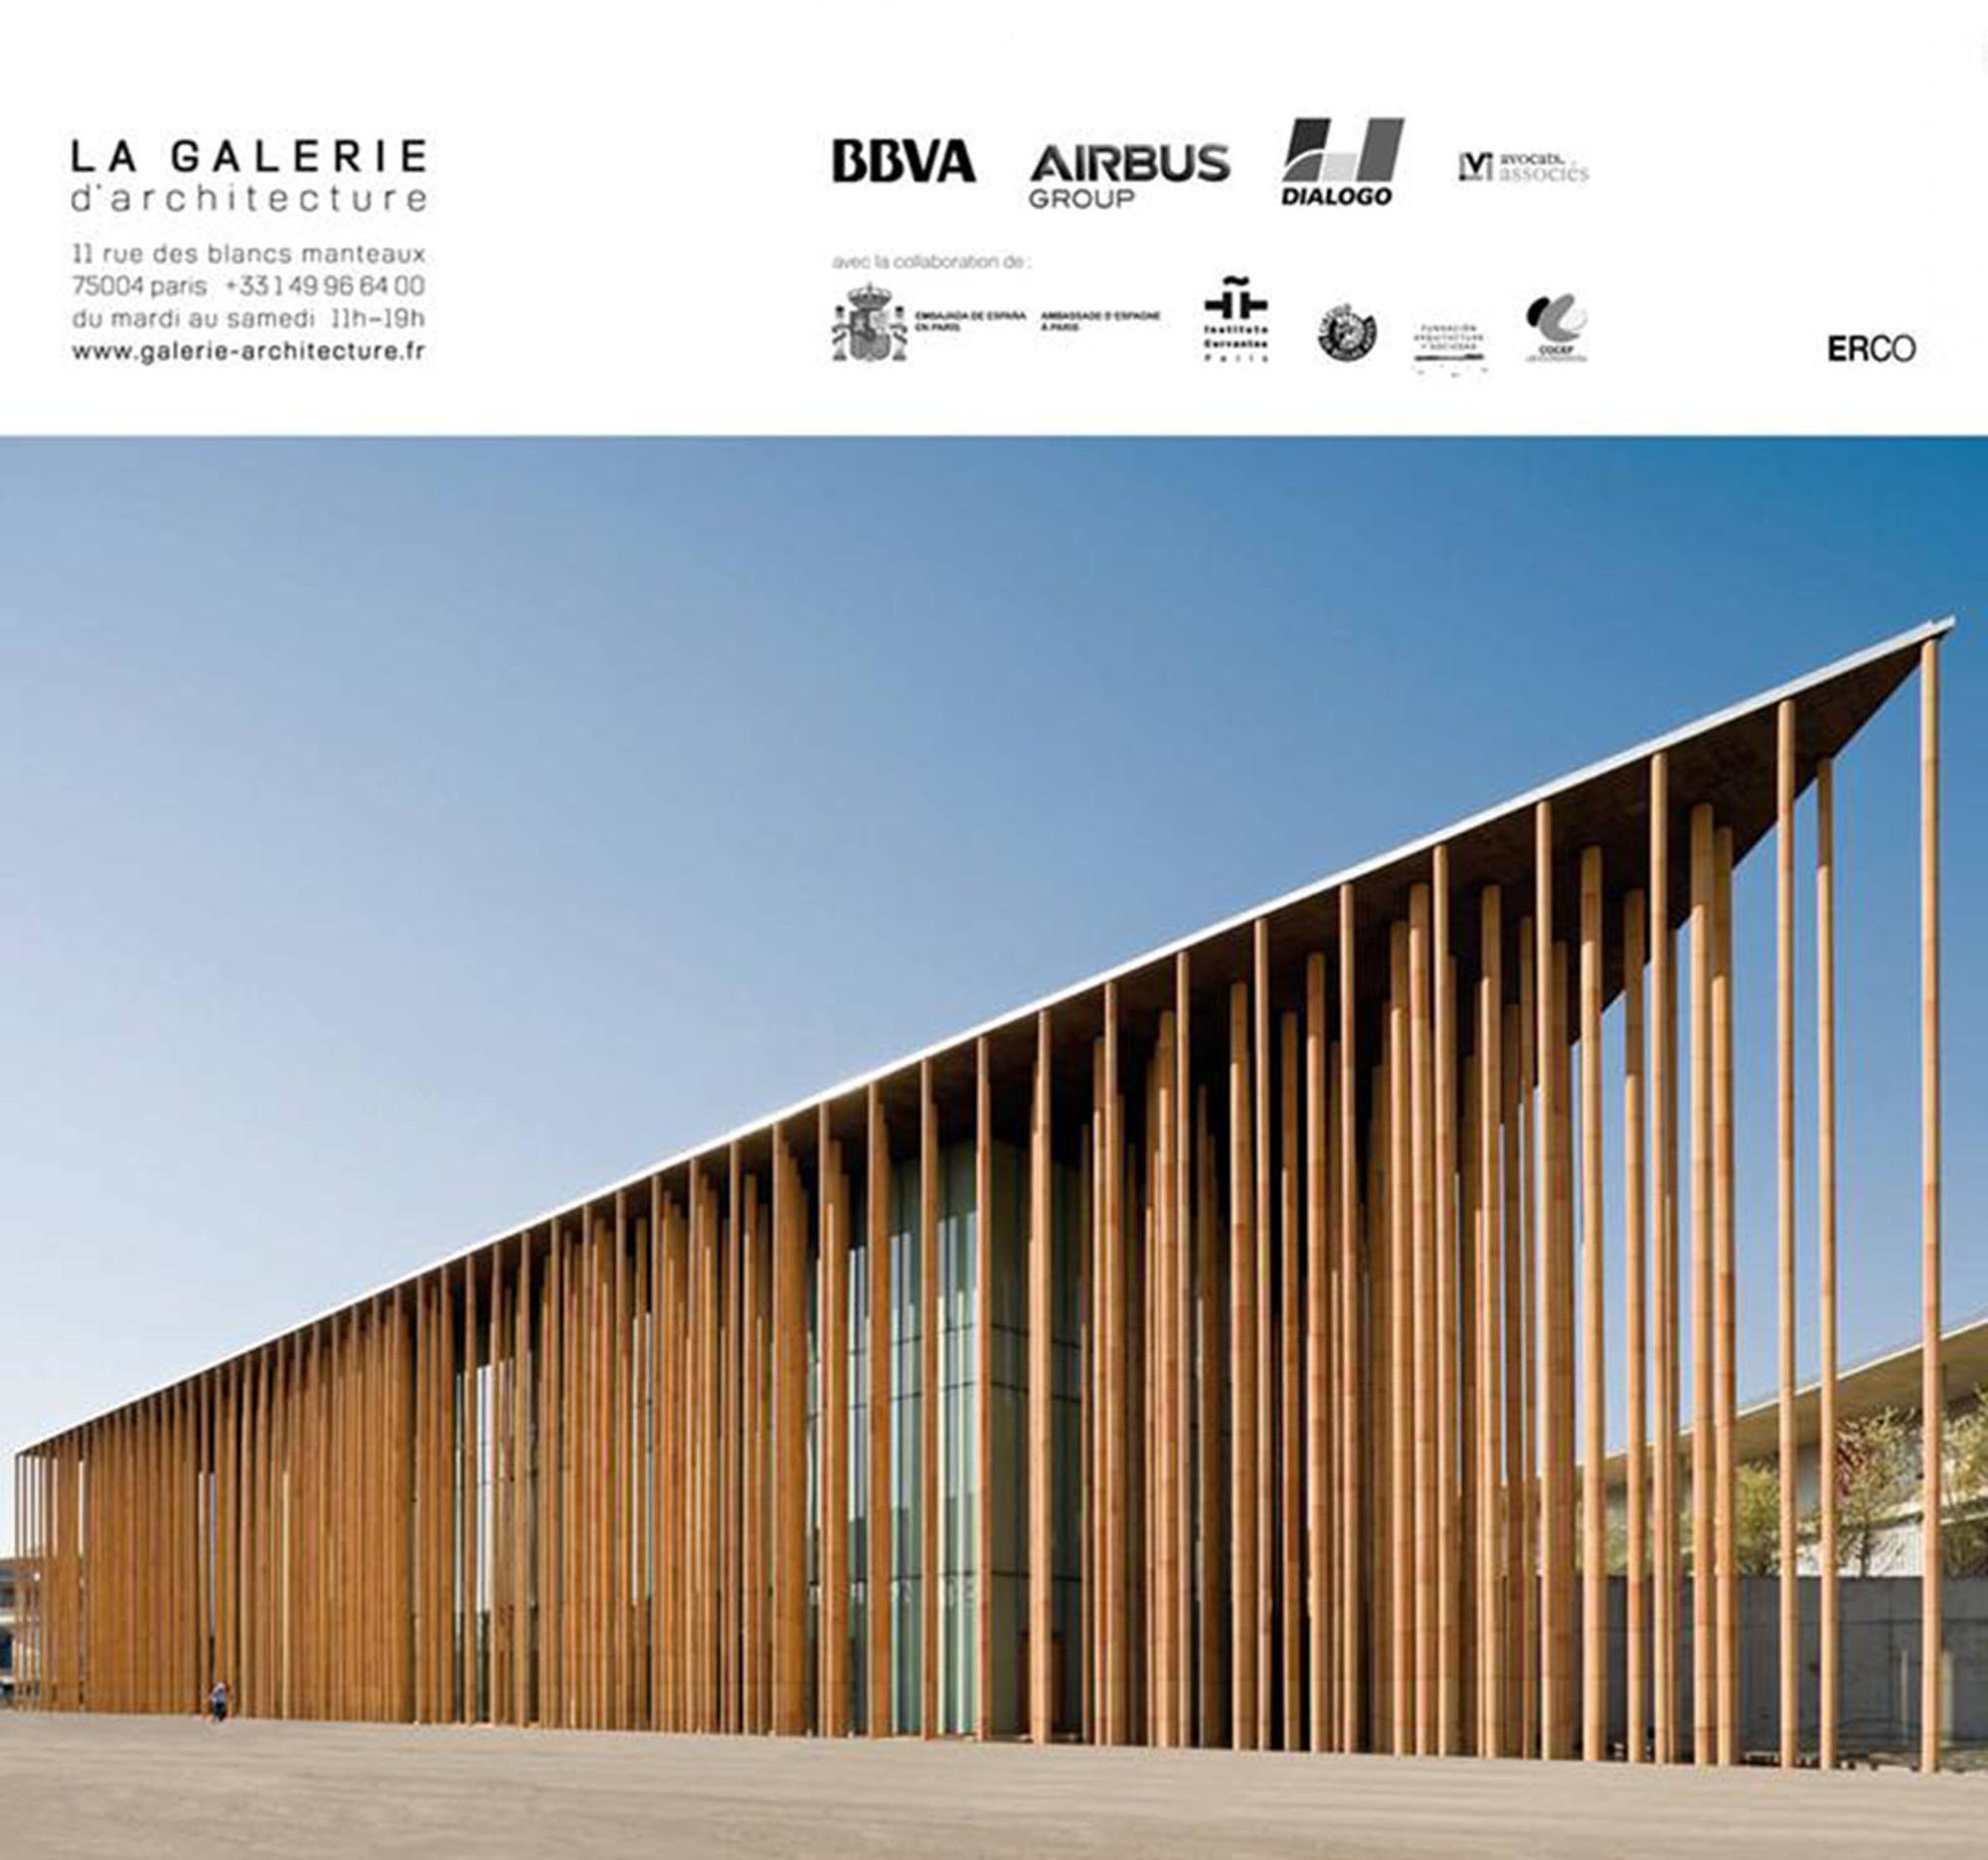 Obra del arquitecto Francisco Mangado será exhibida en Paris, Courtesy of La Galerie D'Architecture